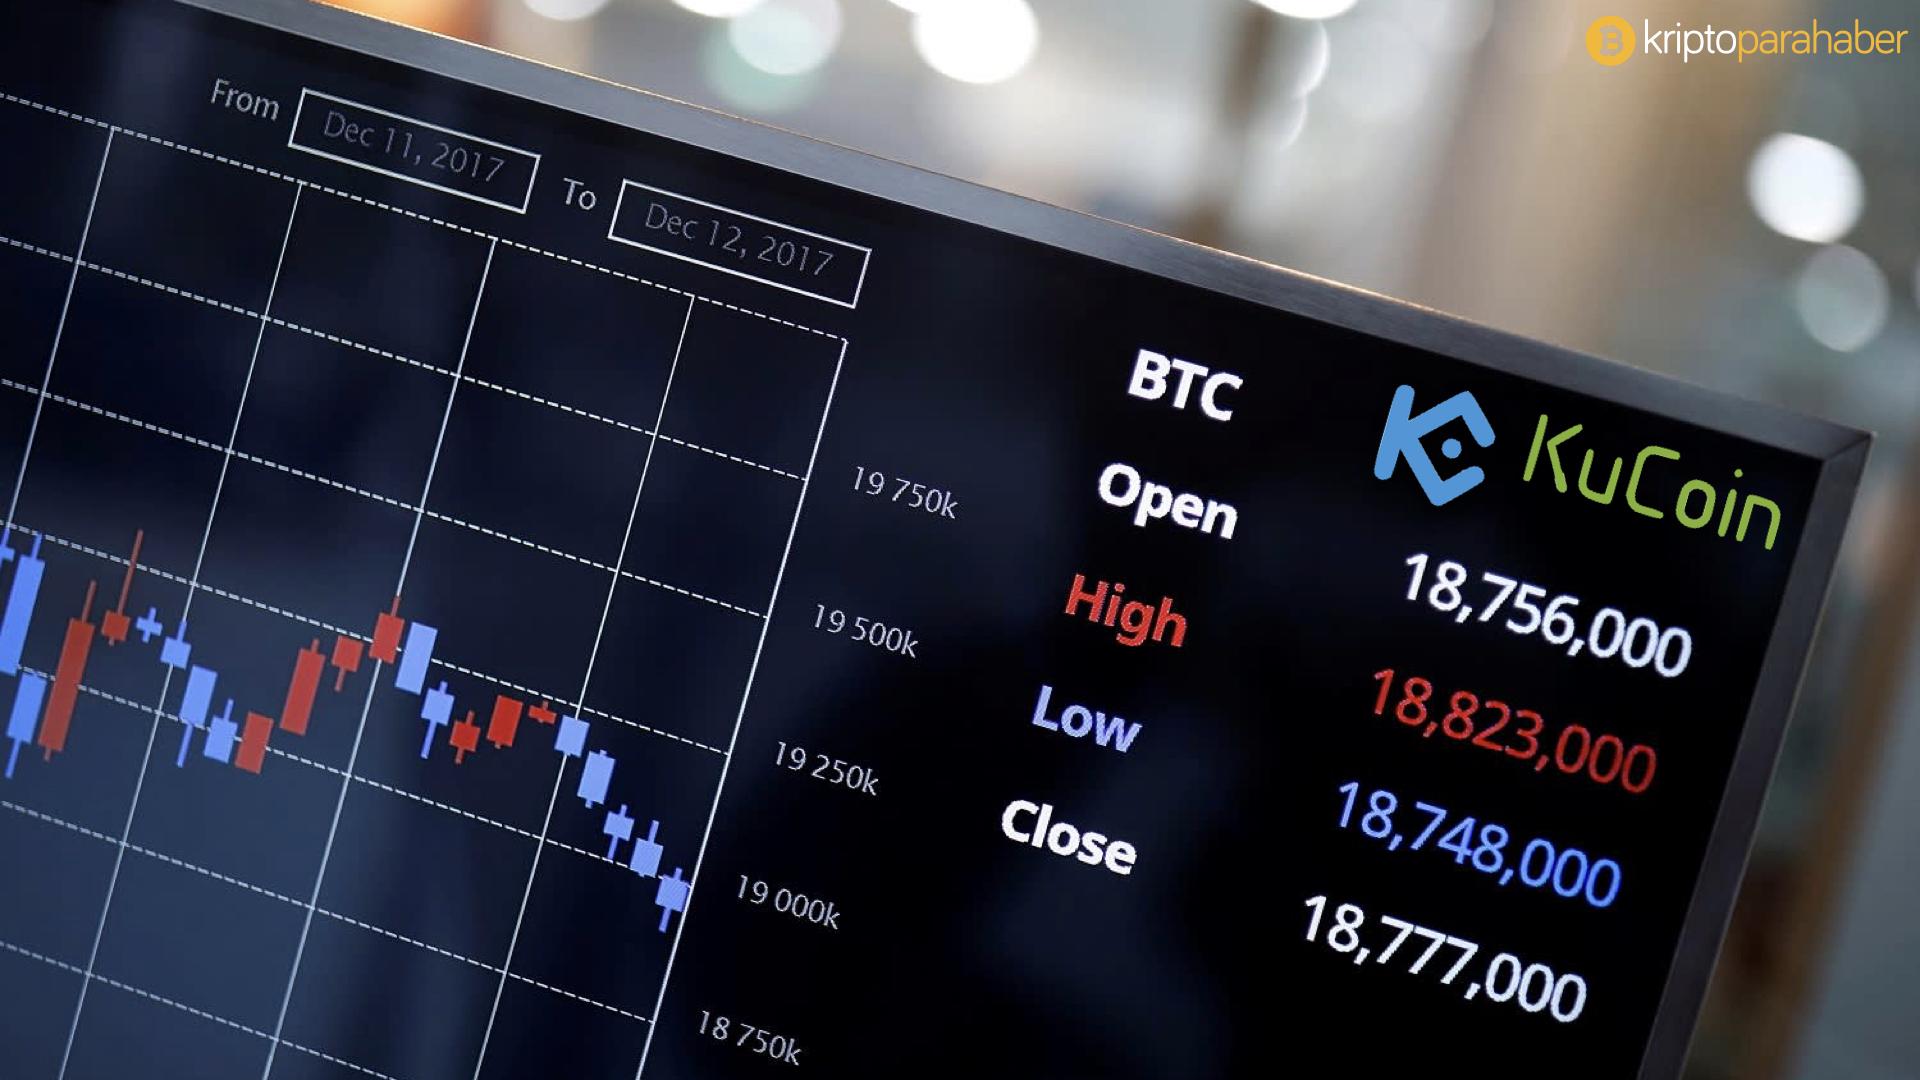 KuCoin, Bitcoin yatırım komisyonunu yarı yarıya düşürdü.